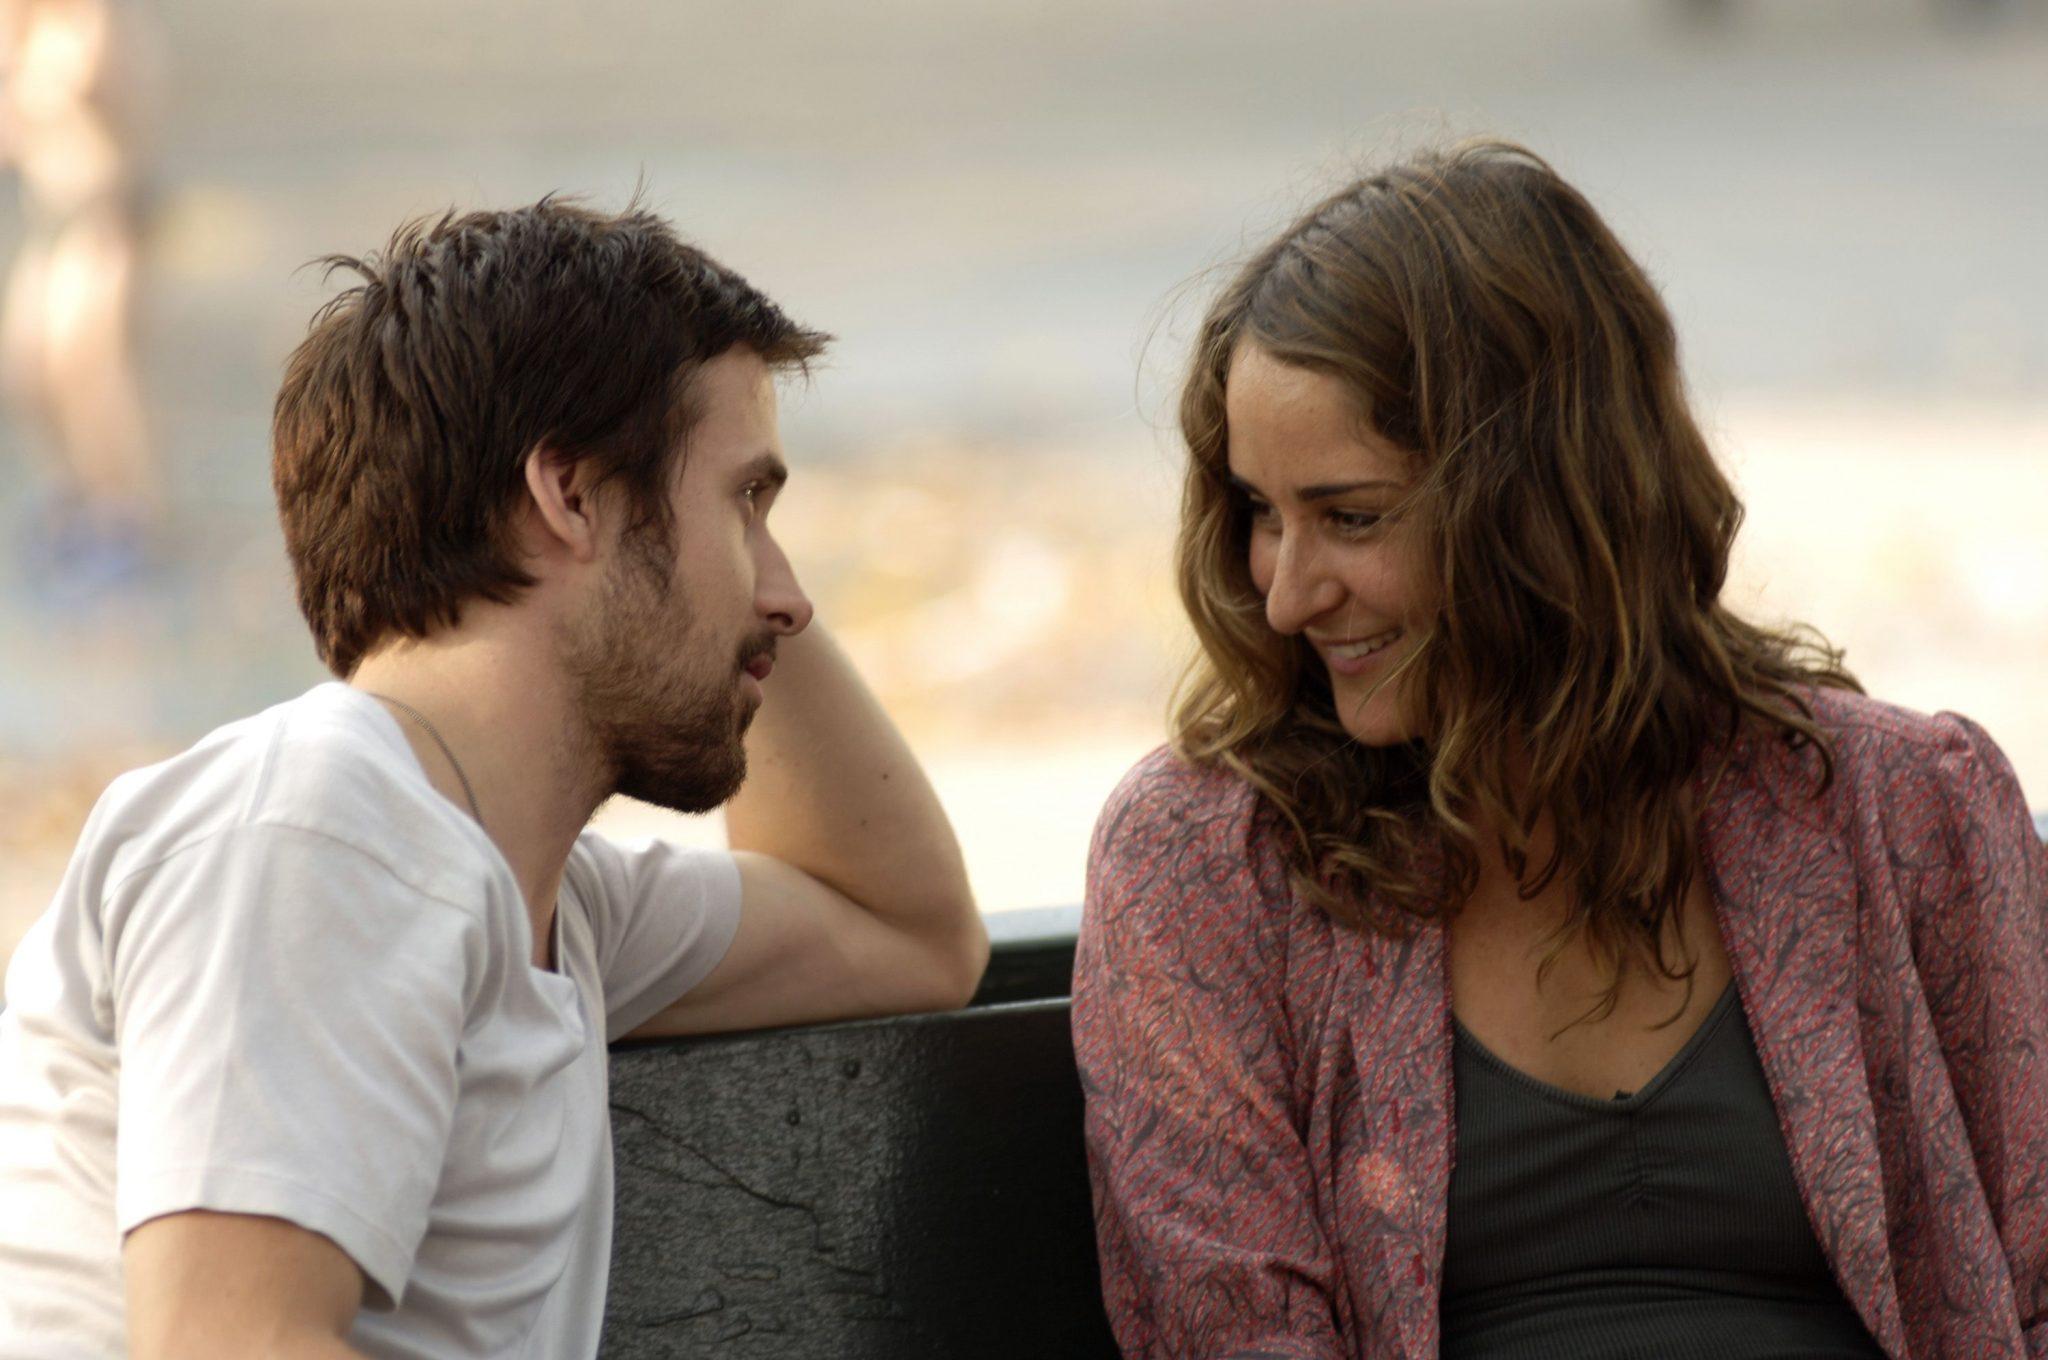 Alte Liebe rostet nicht - oder? Dan und seine Ex Rachel © Studiocanal Home Entertainment